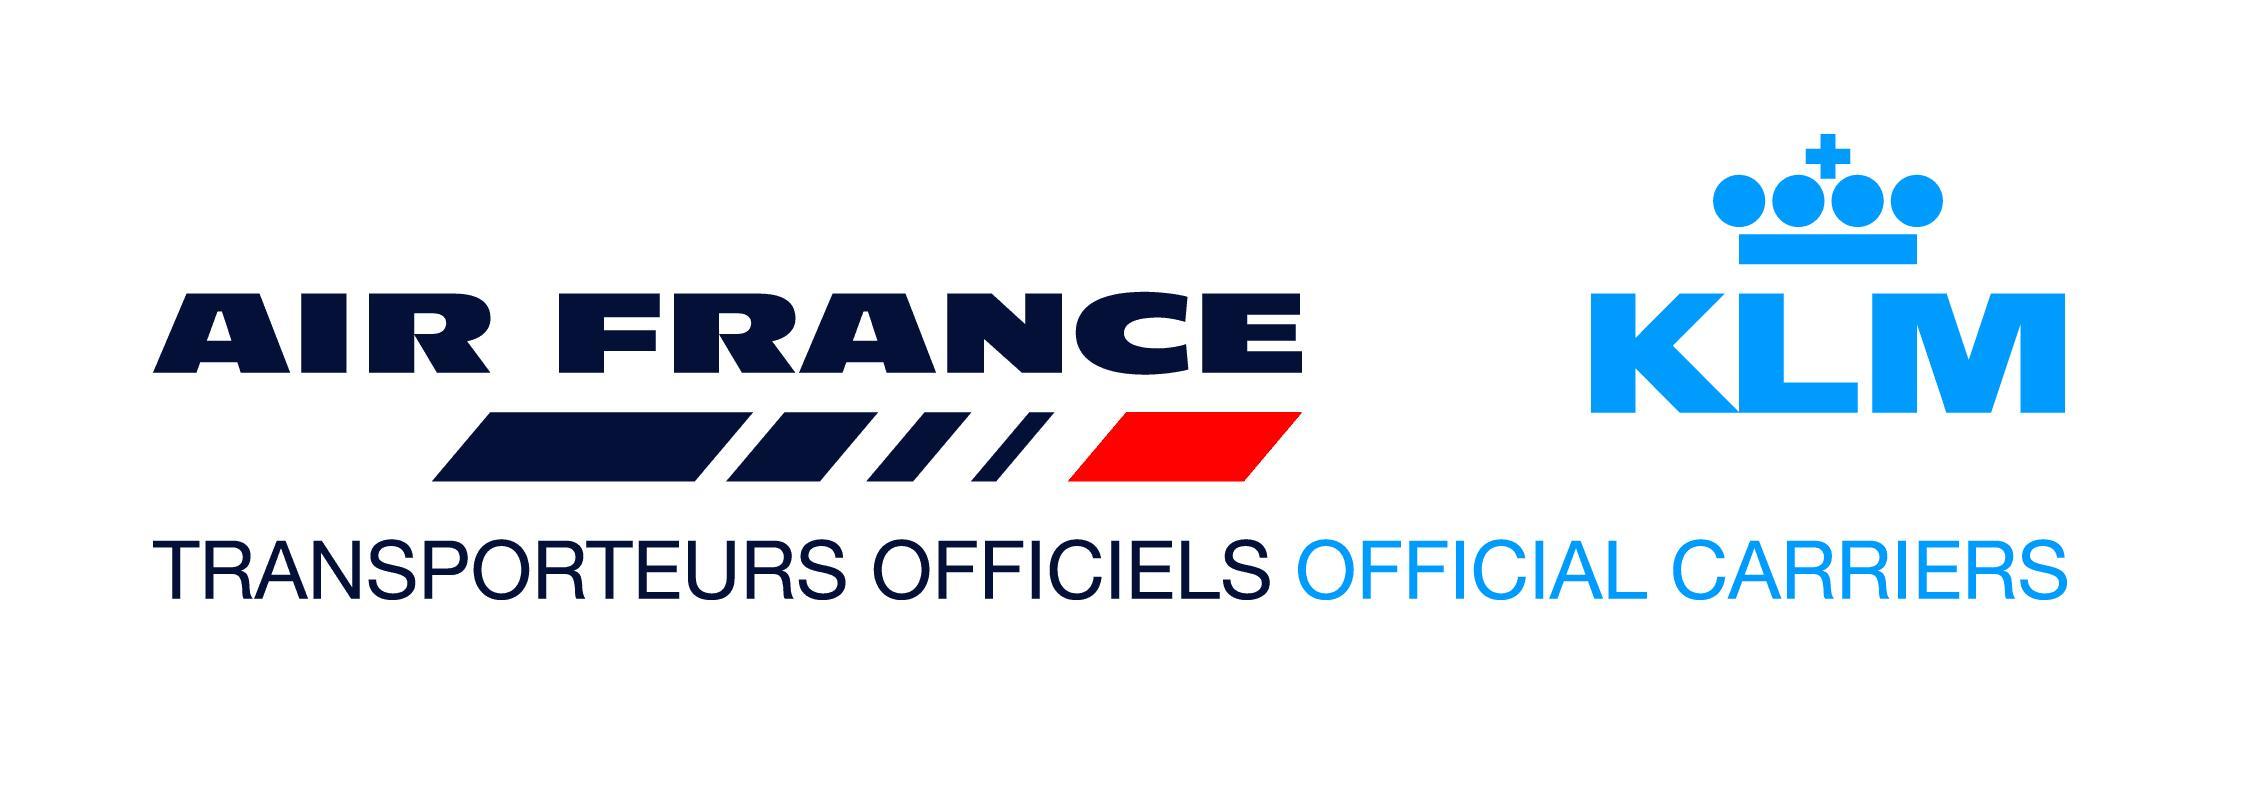 AF-KLM-Logo.jpg PlusPng.com  - Logo Air France Klm PNG